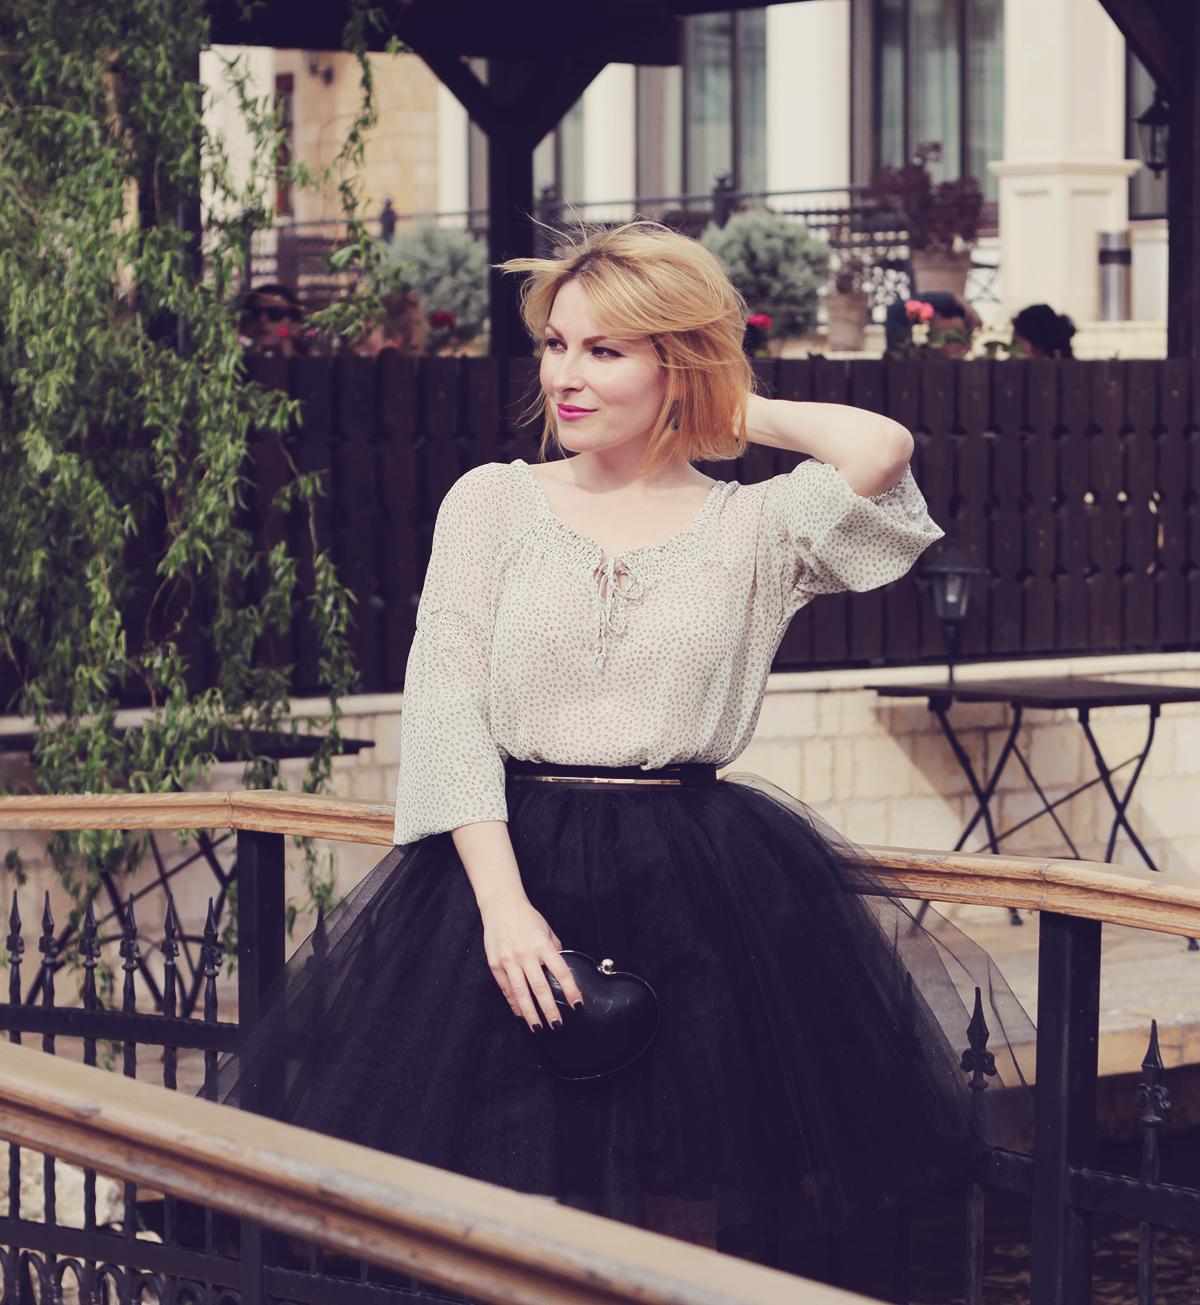 the black tulle skirt